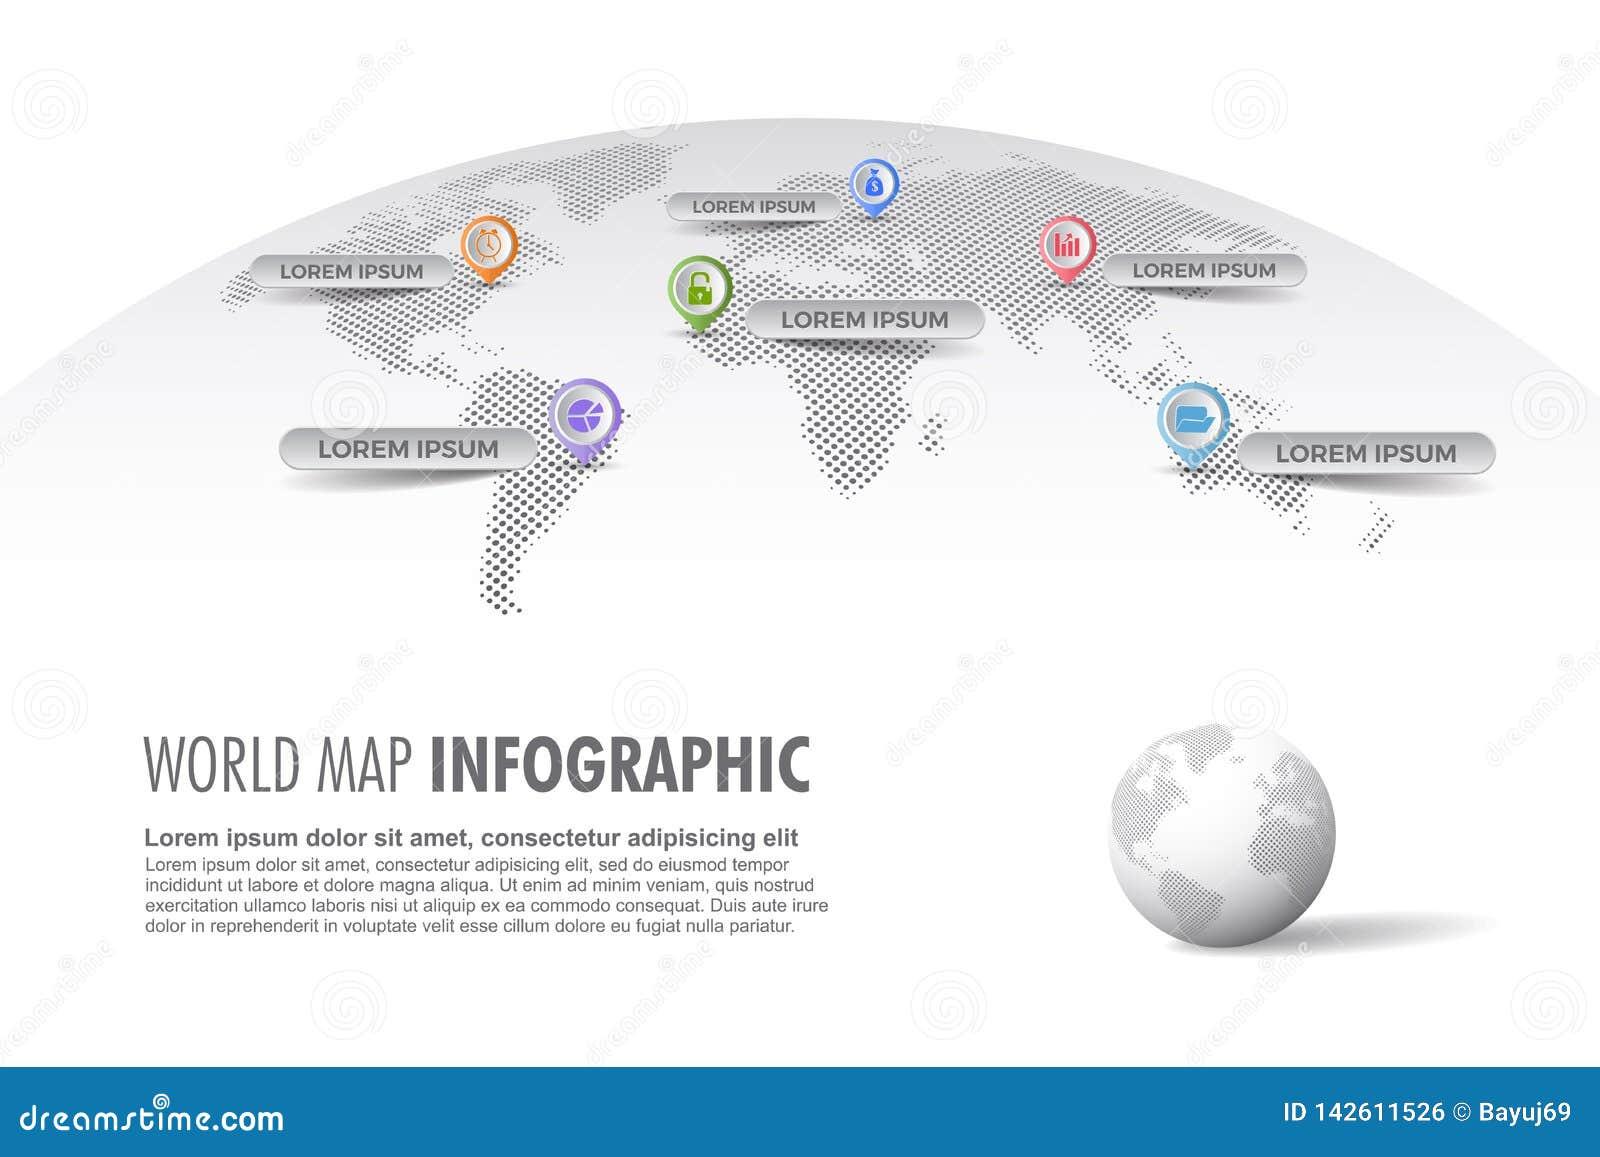 Infographic Schablone der hellen Halbtonweltkarte mit Kugel, Farbikonen als Datensichtbarmachung